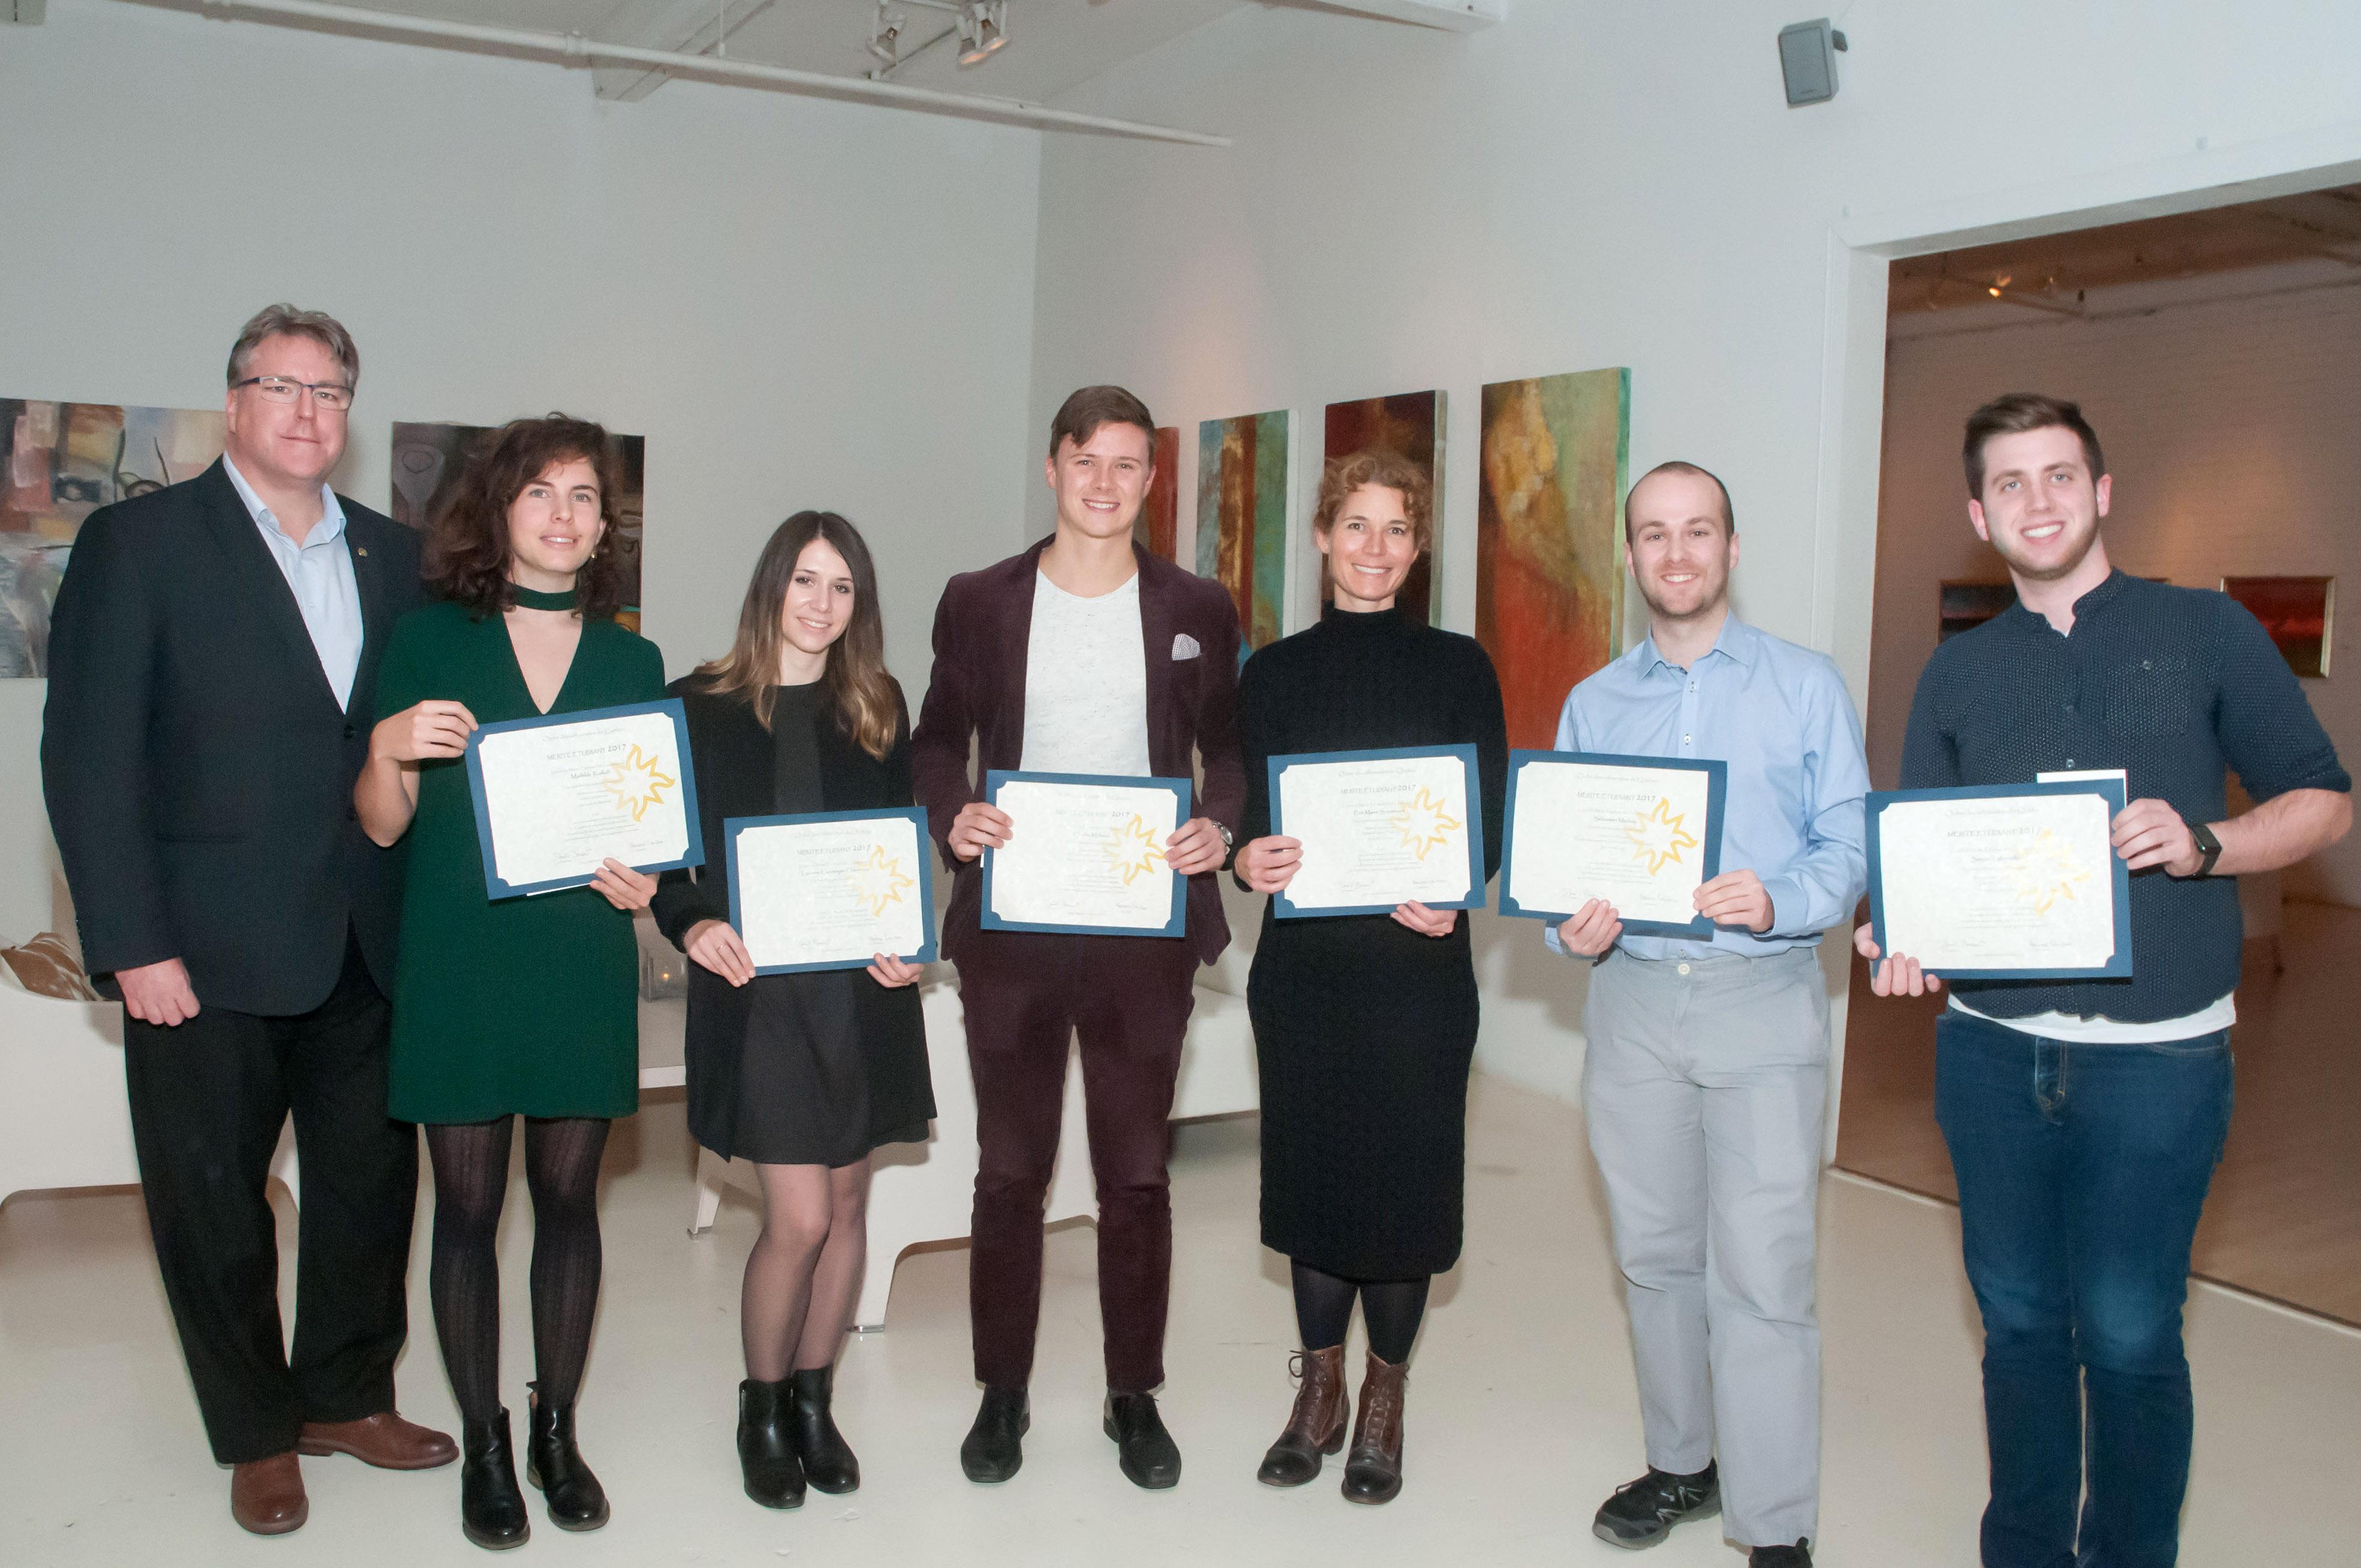 OUQ - L'Ordre des urbanistes du Québec décerne plusieurs prix lors de son Gala Excellence, dans le cadre de la Journée mondiale de l'urbanisme